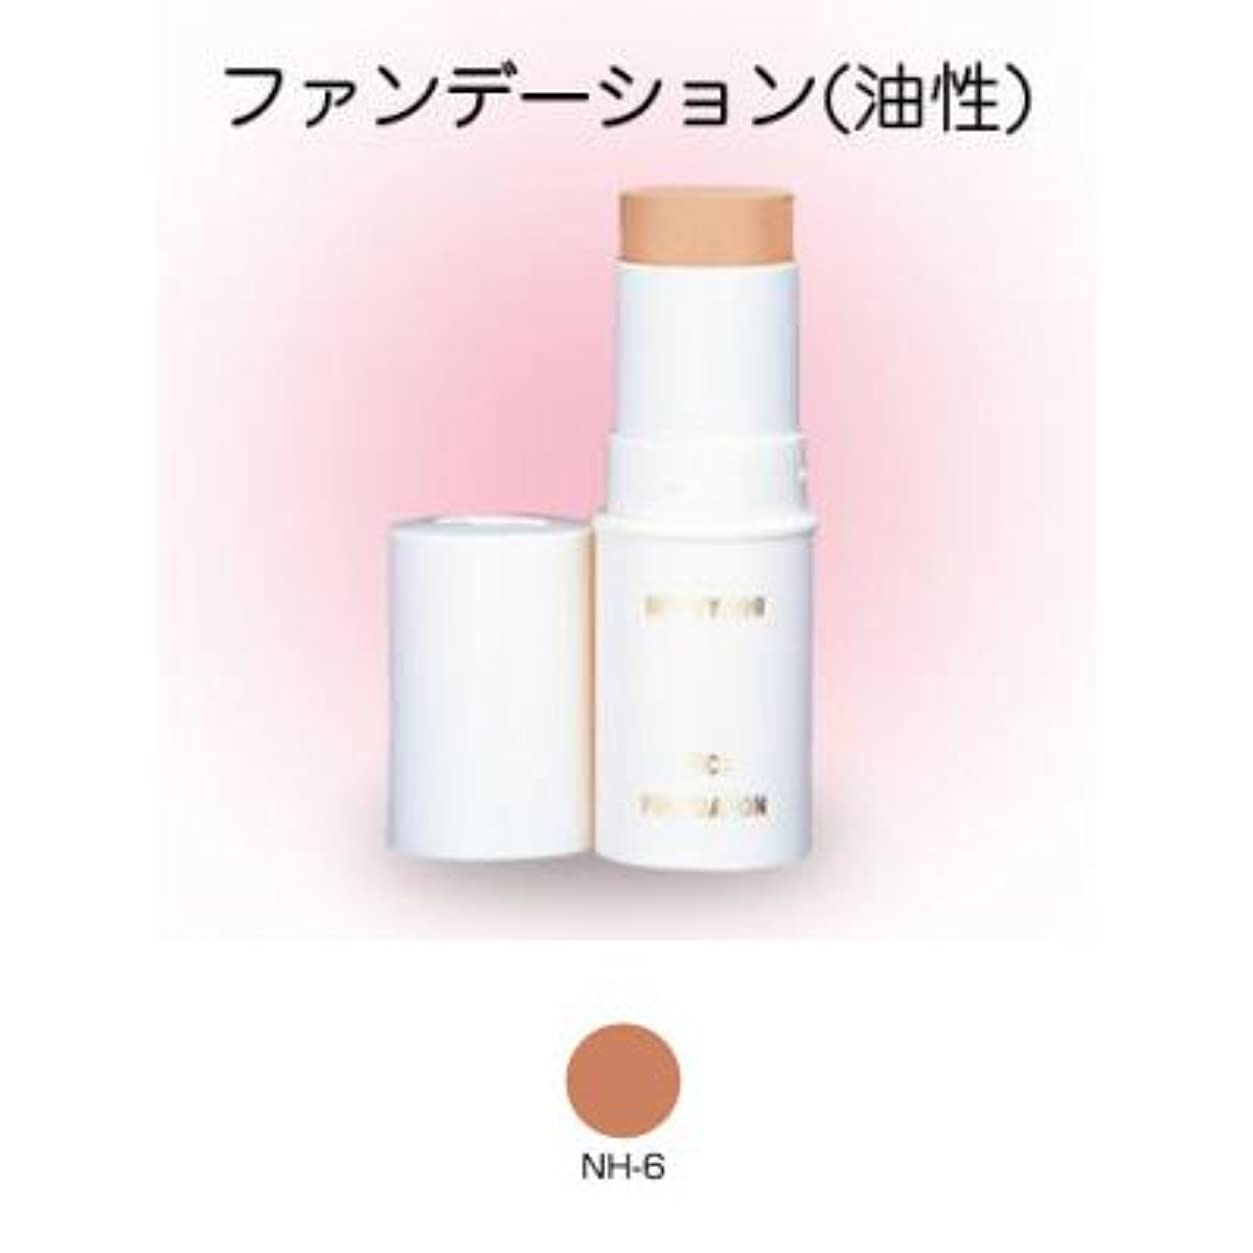 懇願するエイリアン資格情報スティックファンデーション 16g NH-6 【三善】